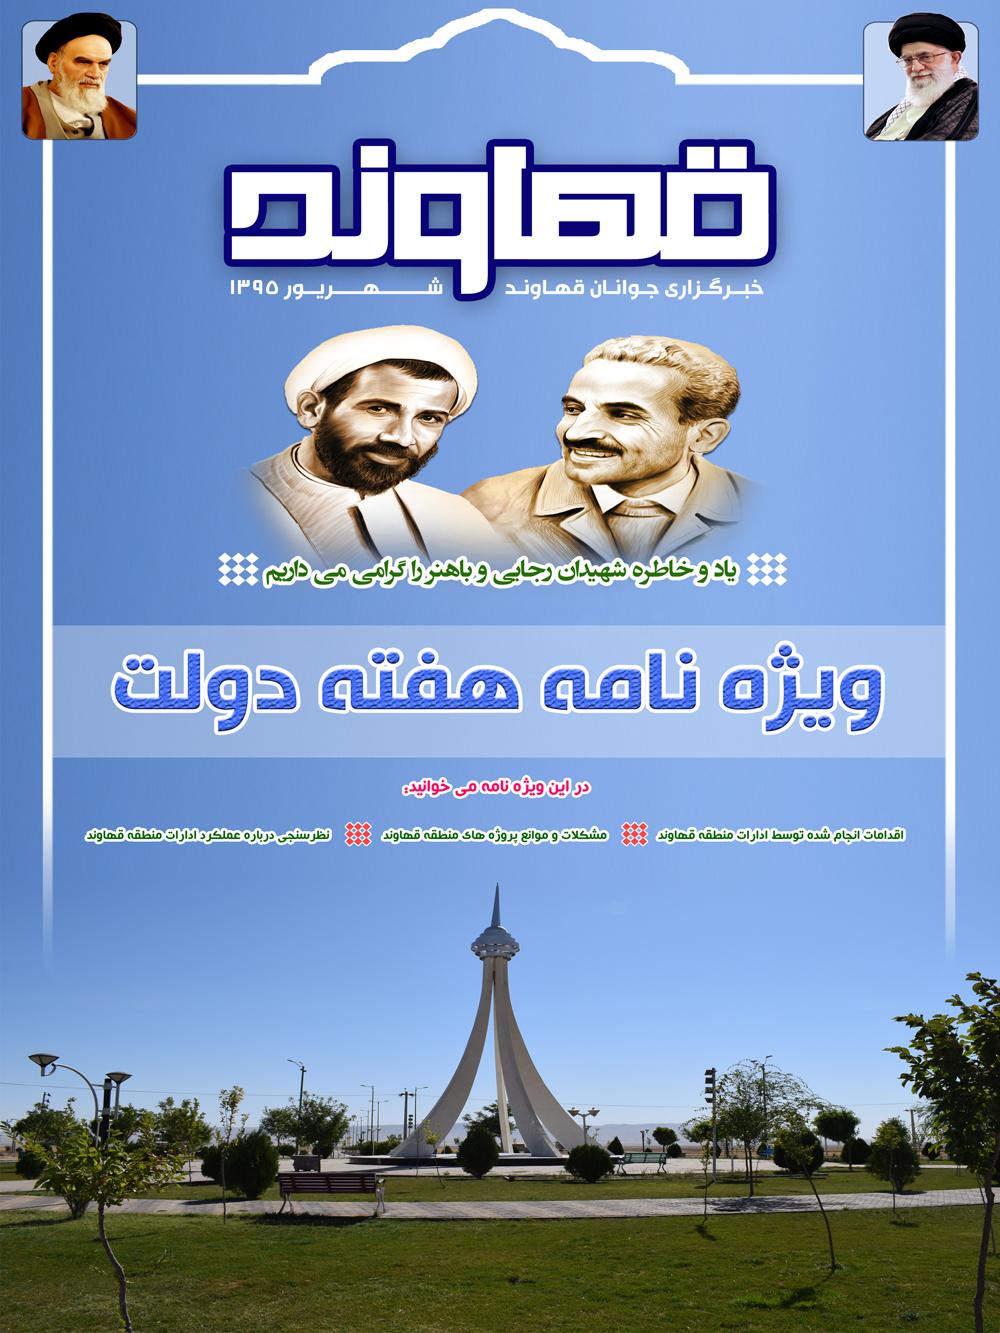 ویژه نامه هفته دولت در شهر قهاوند (1)